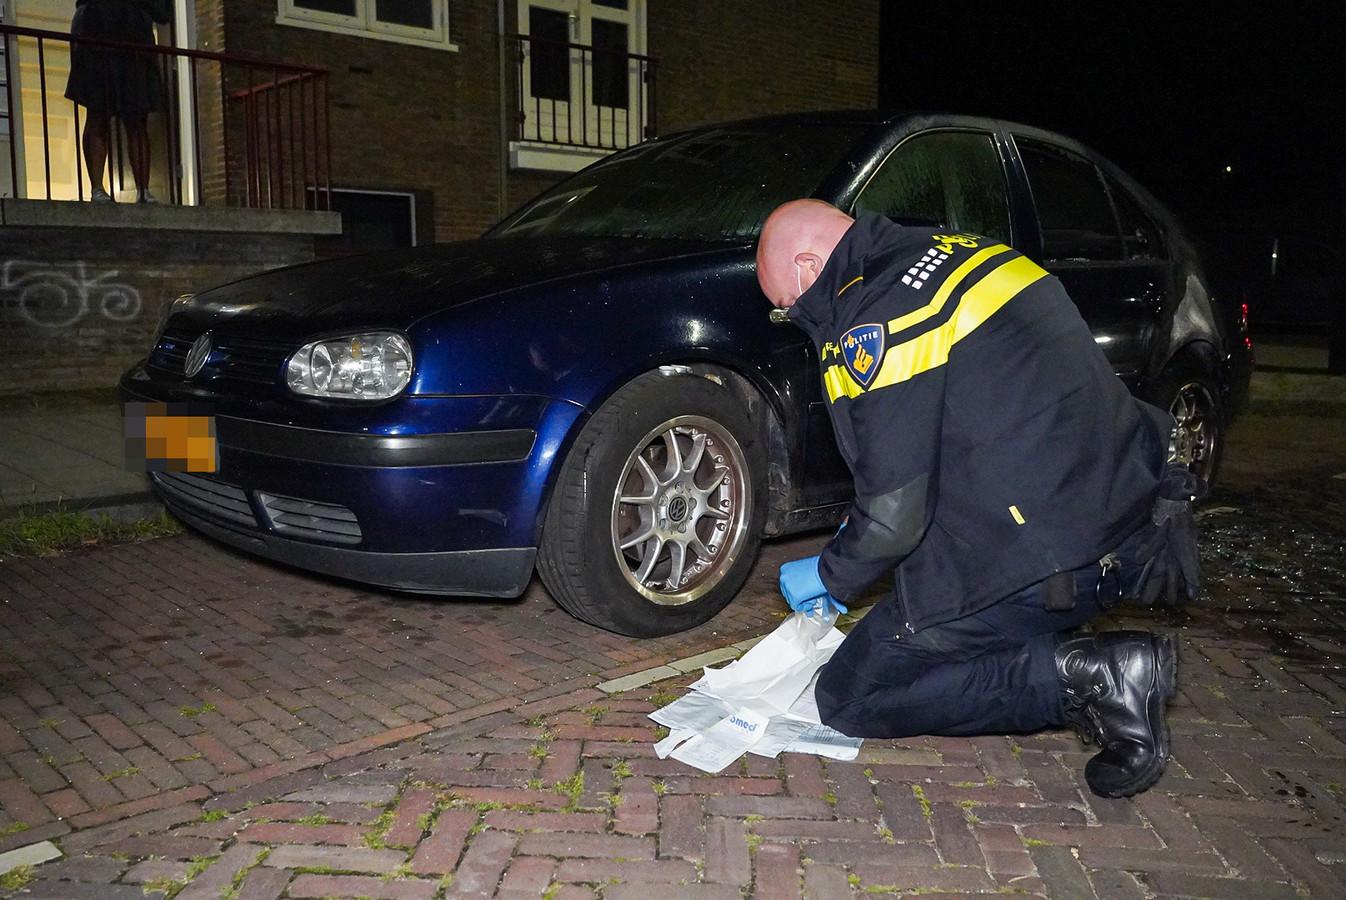 Een politieagent stelt bewijsmateriaal veilig bij de auto die tot twee keer toe op de Voetiuslaan in Arnhem in brand werd gestoken.